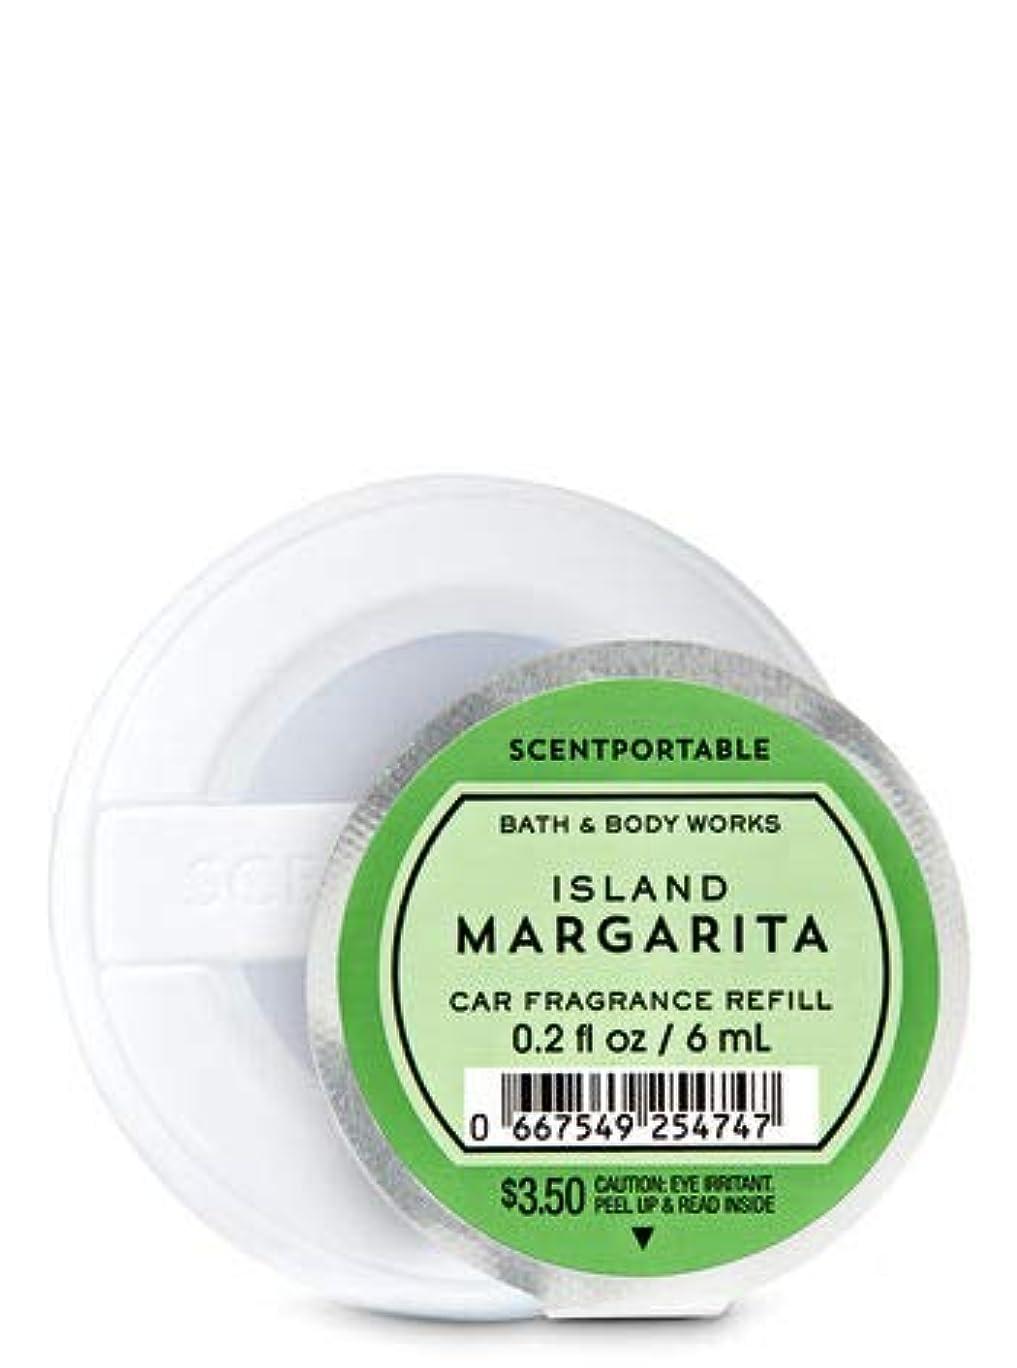 マイクロ派生する震える【Bath&Body Works/バス&ボディワークス】 クリップ式芳香剤 セントポータブル詰替えリフィル アイランドマルガリータ Scentportable Fragrance Refill Island Margarita [並行輸入品]